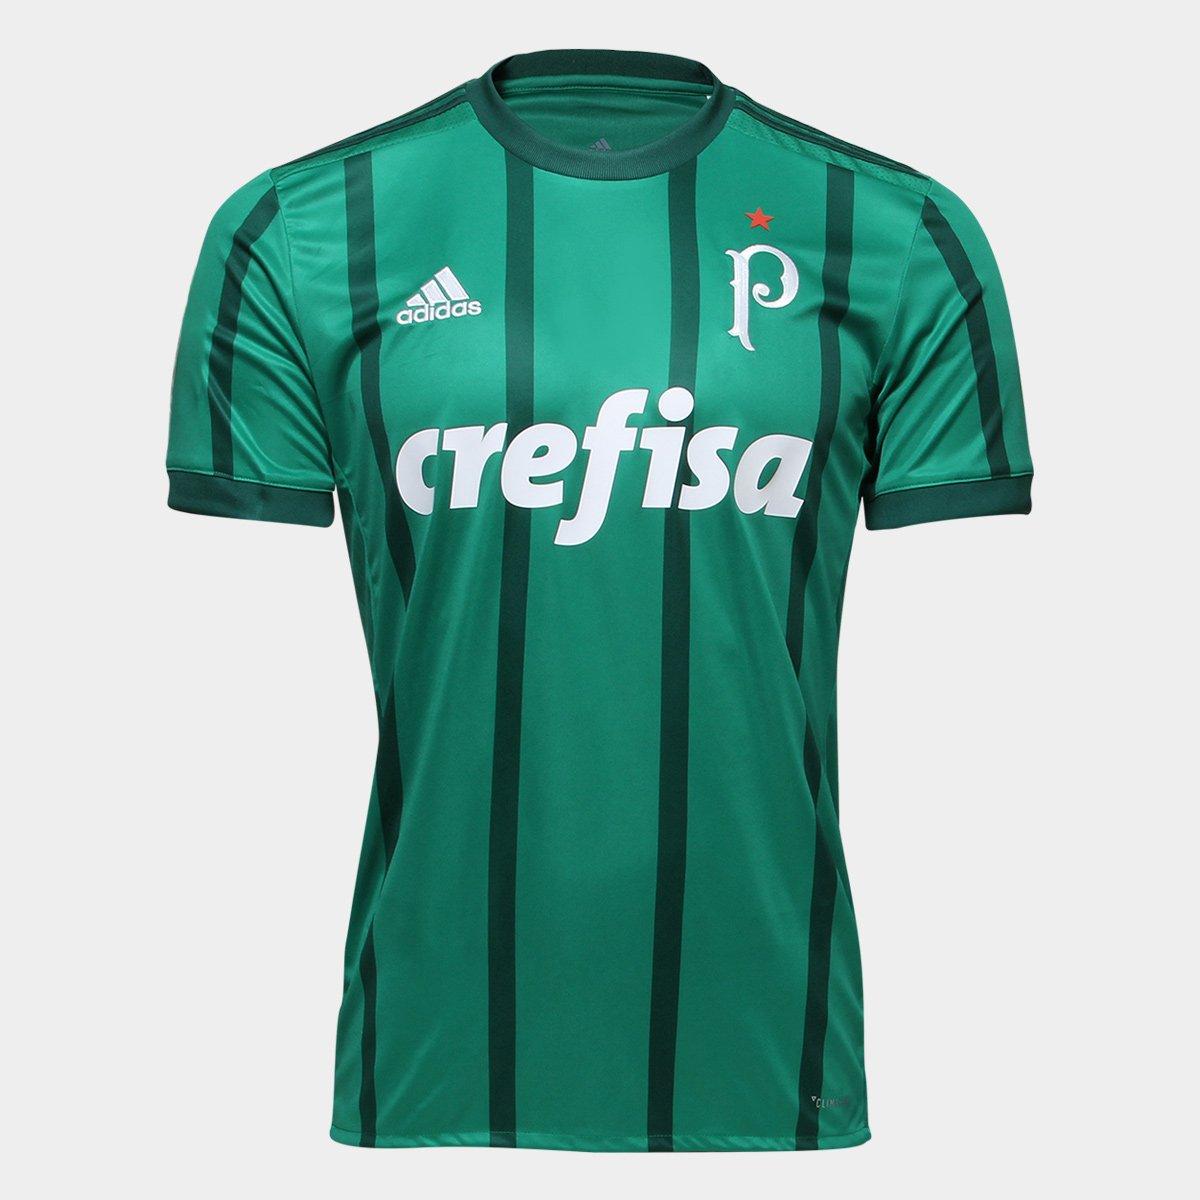 Camisa Palmeiras I 17 18 S Nº - Mundial de 1951 Torcedor Adidas Masculina -  Compre Agora  6fe42bfd77d4a